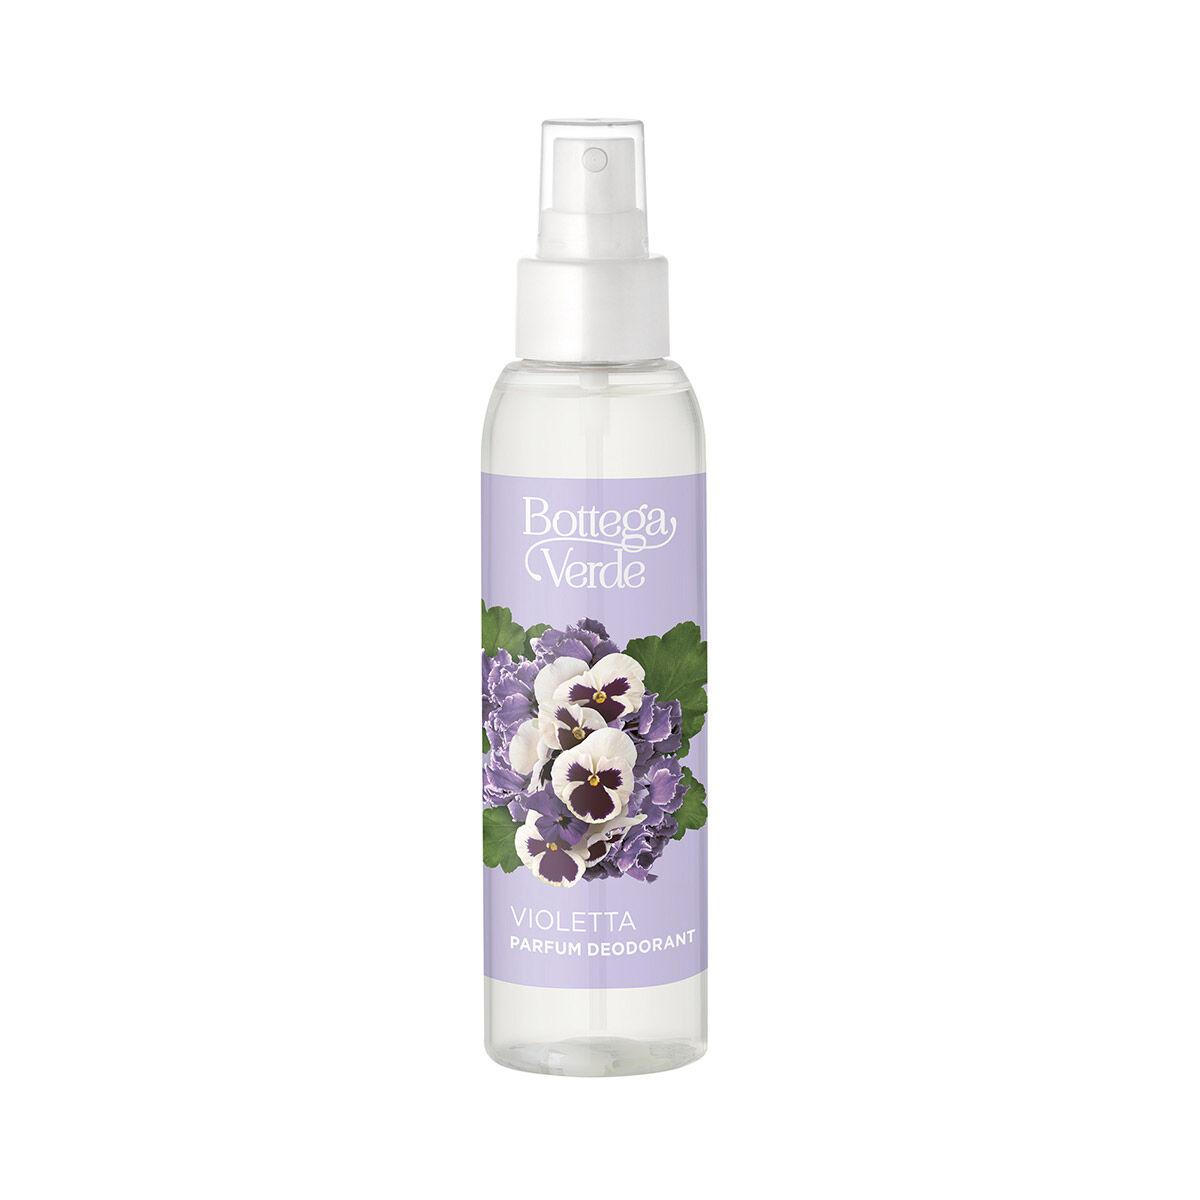 Bottega Verde Desodorante perfumado (125 ml) violeta